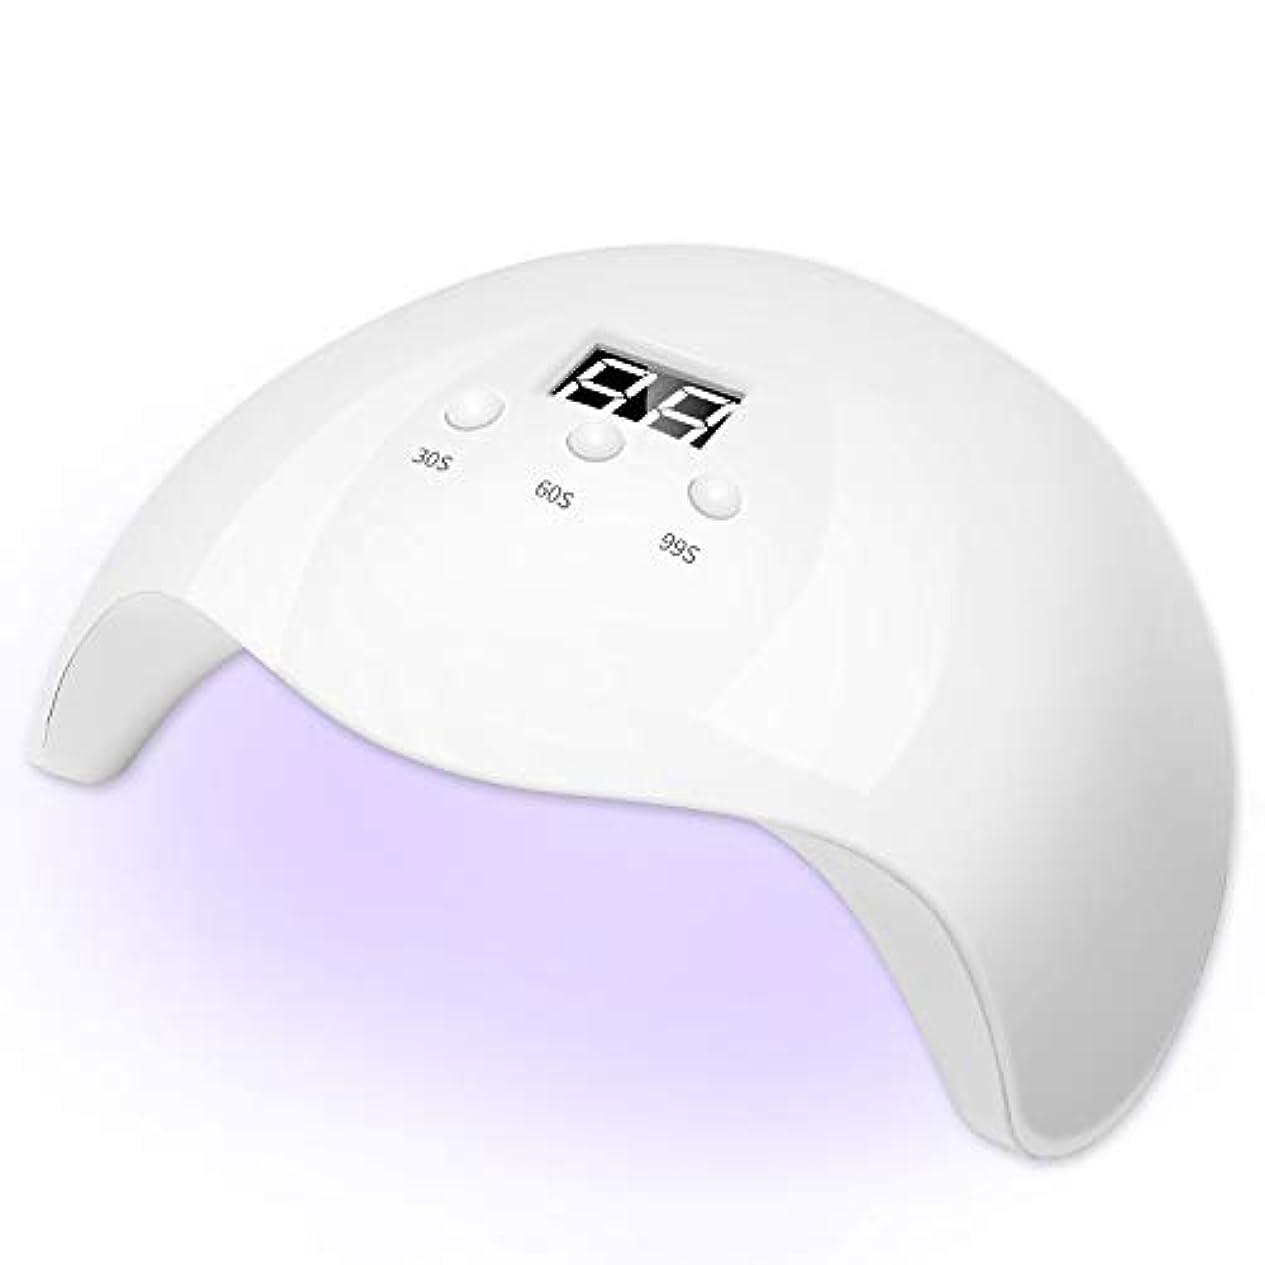 ゲルネイルポリッシュと足の爪の硬化と自動センサーのための36W UV LEDネイルドライヤー速硬化ランプ